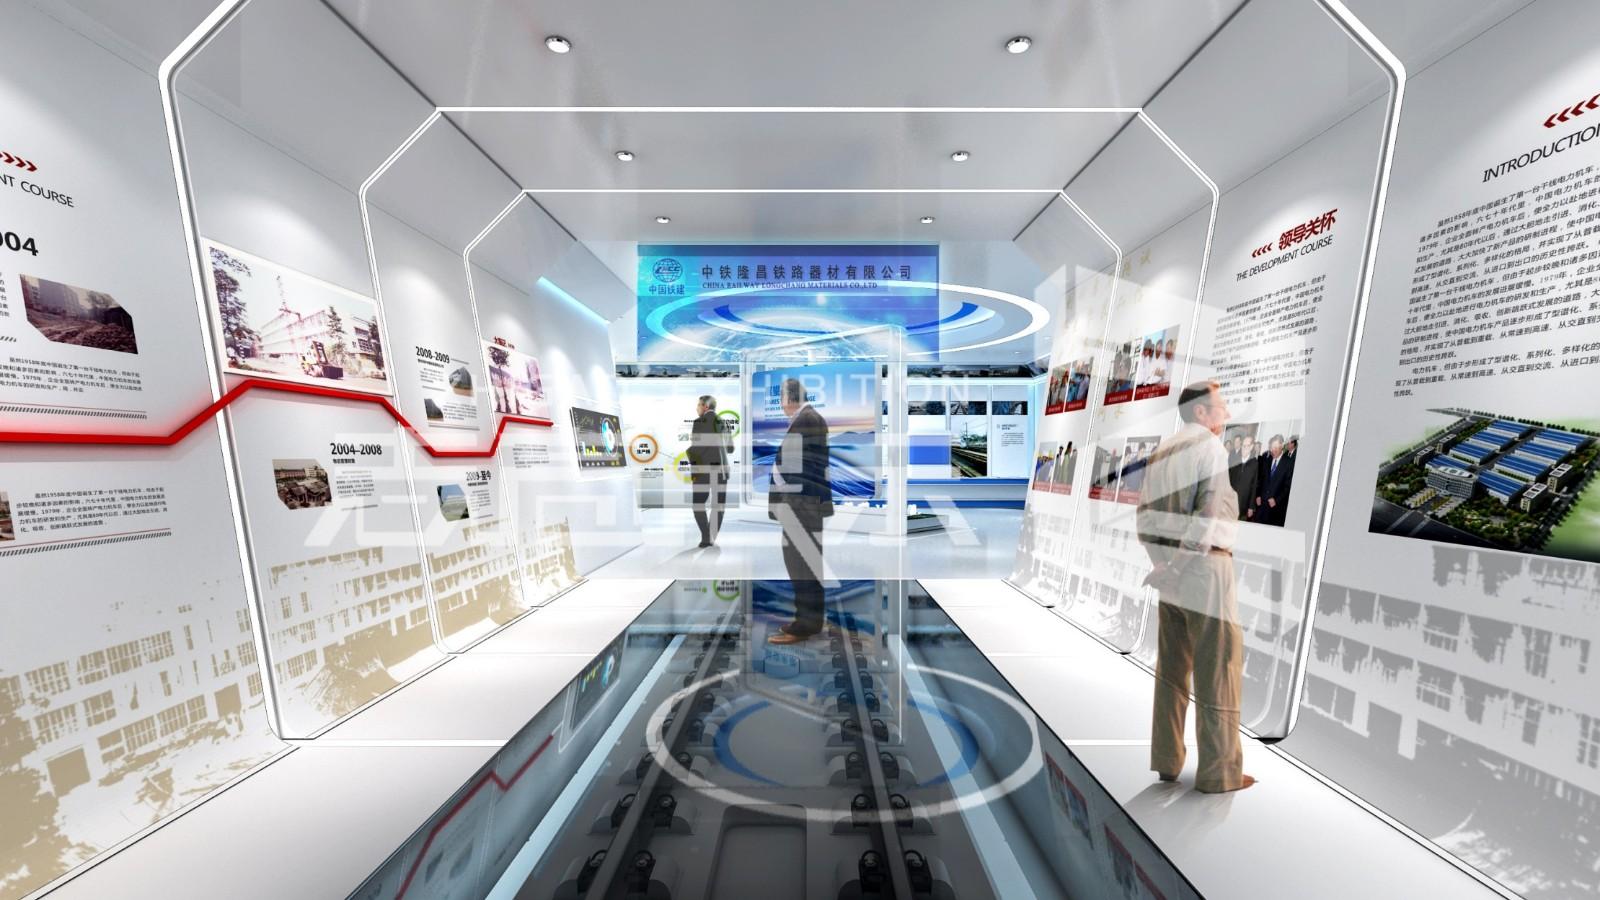 中鐵隆昌鐵路器材有限公司企業展示